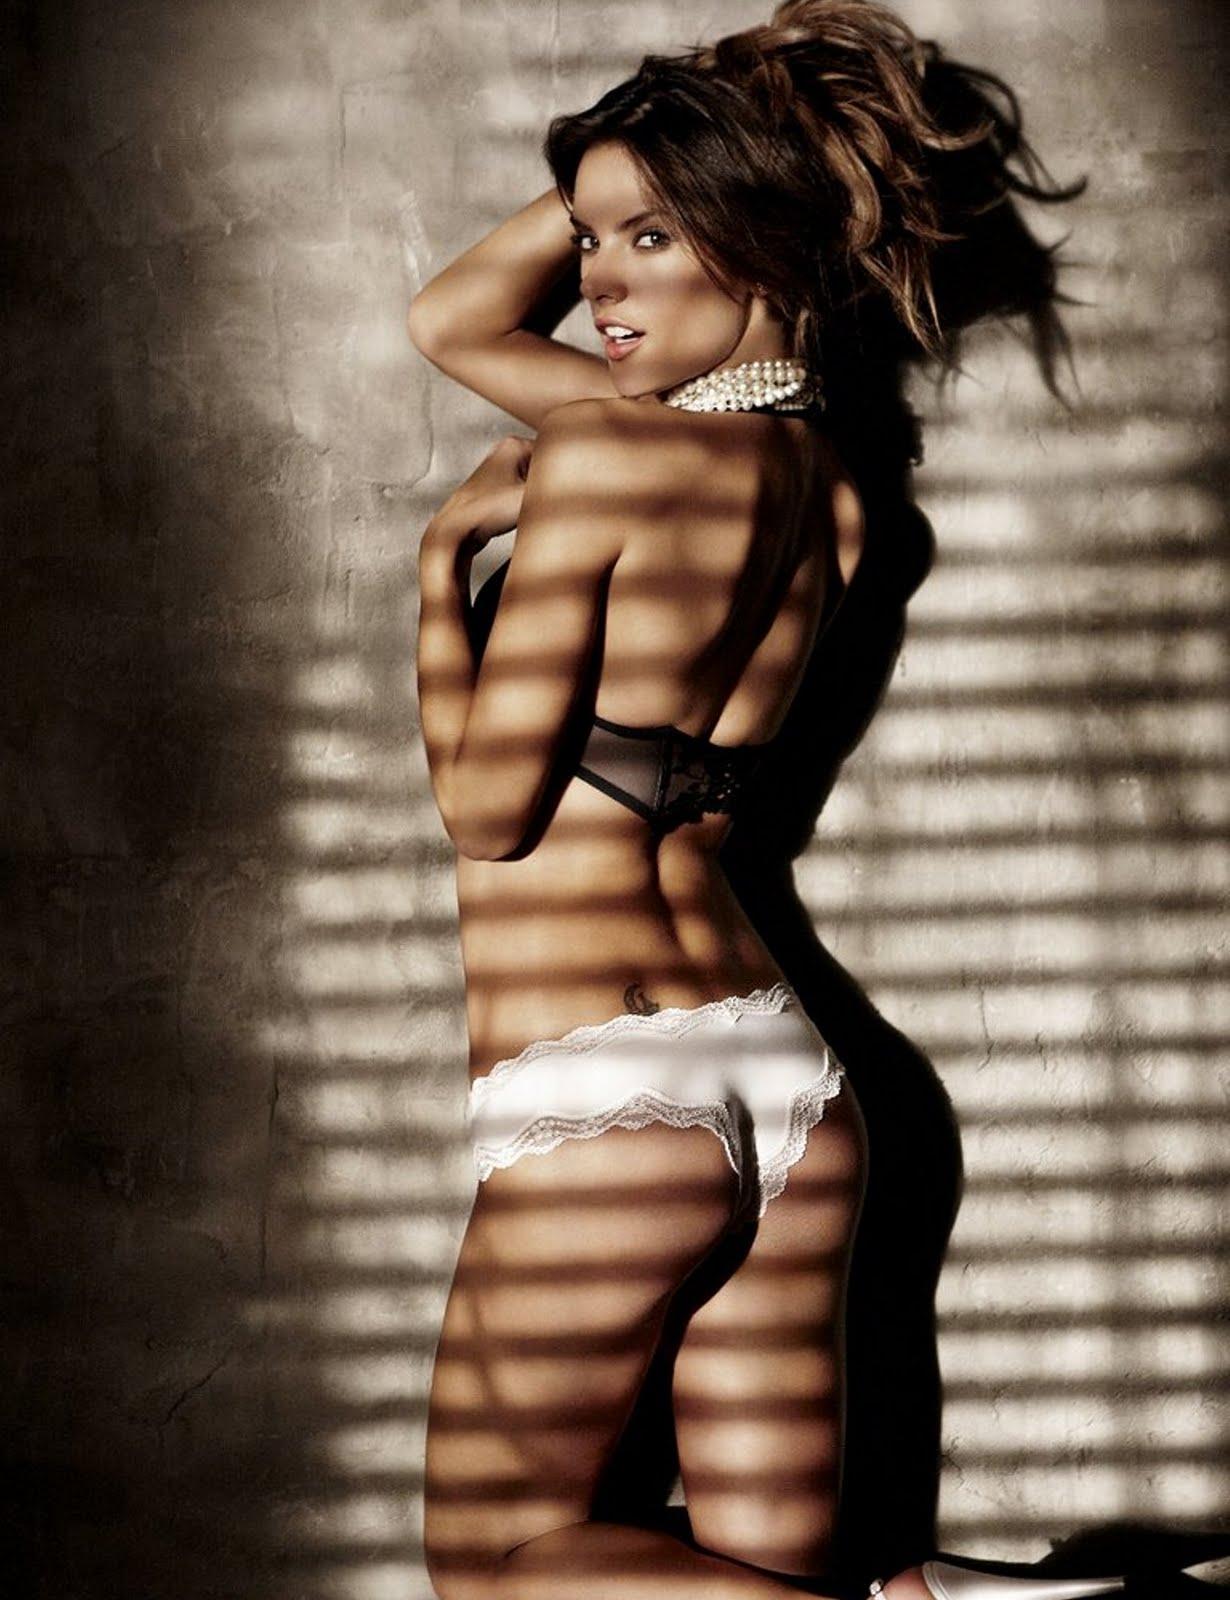 http://3.bp.blogspot.com/_PN9Kbmw_Hq8/TTOBlHfxmcI/AAAAAAAAMIM/D5jUwoEE-5E/s1600/Alessandra%2BAmbrosio.jpg